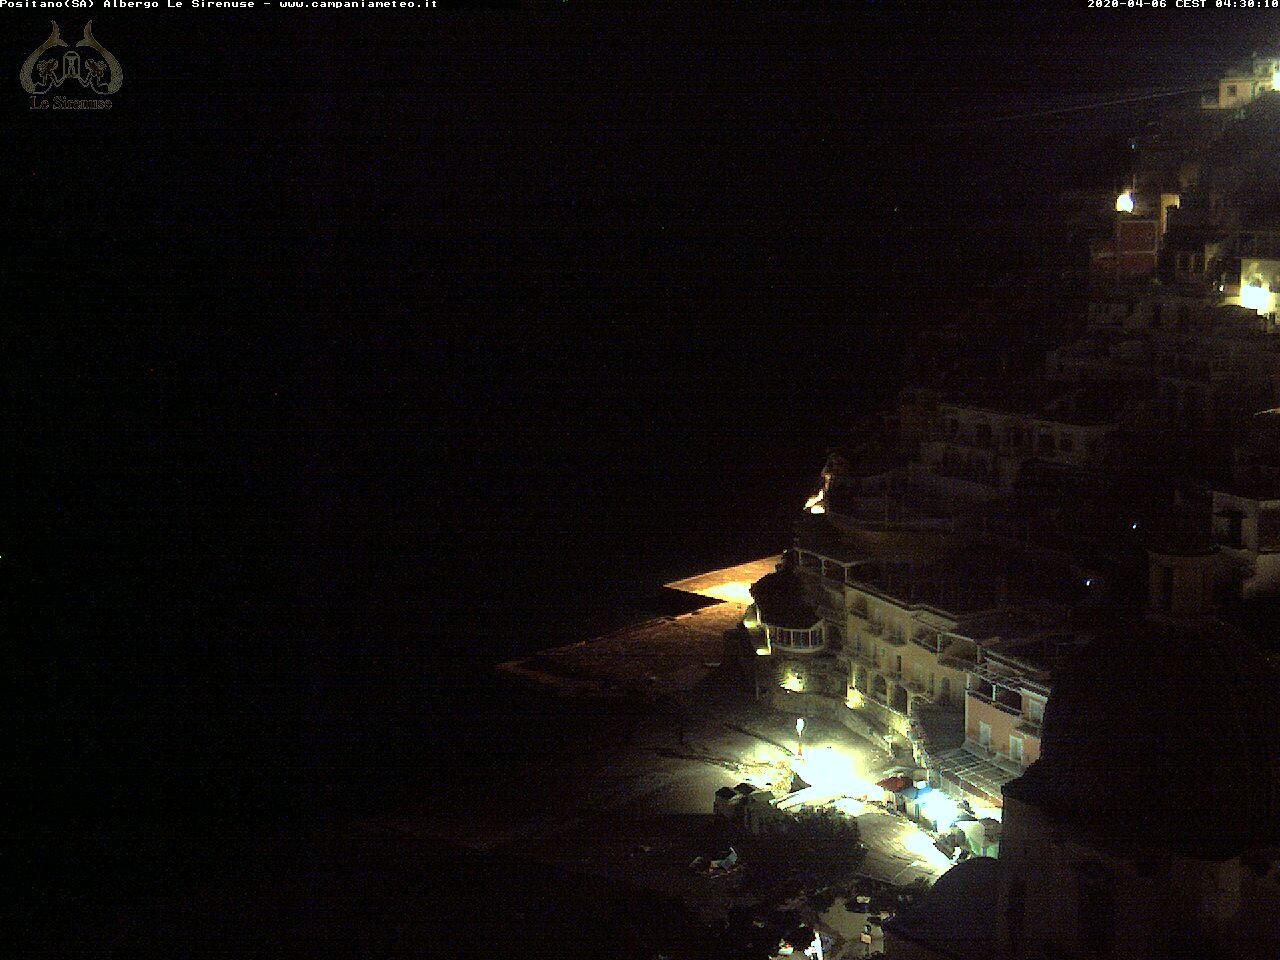 Webcam Turistiche Webcam Positano, di Hotel Sirenuse Webcam